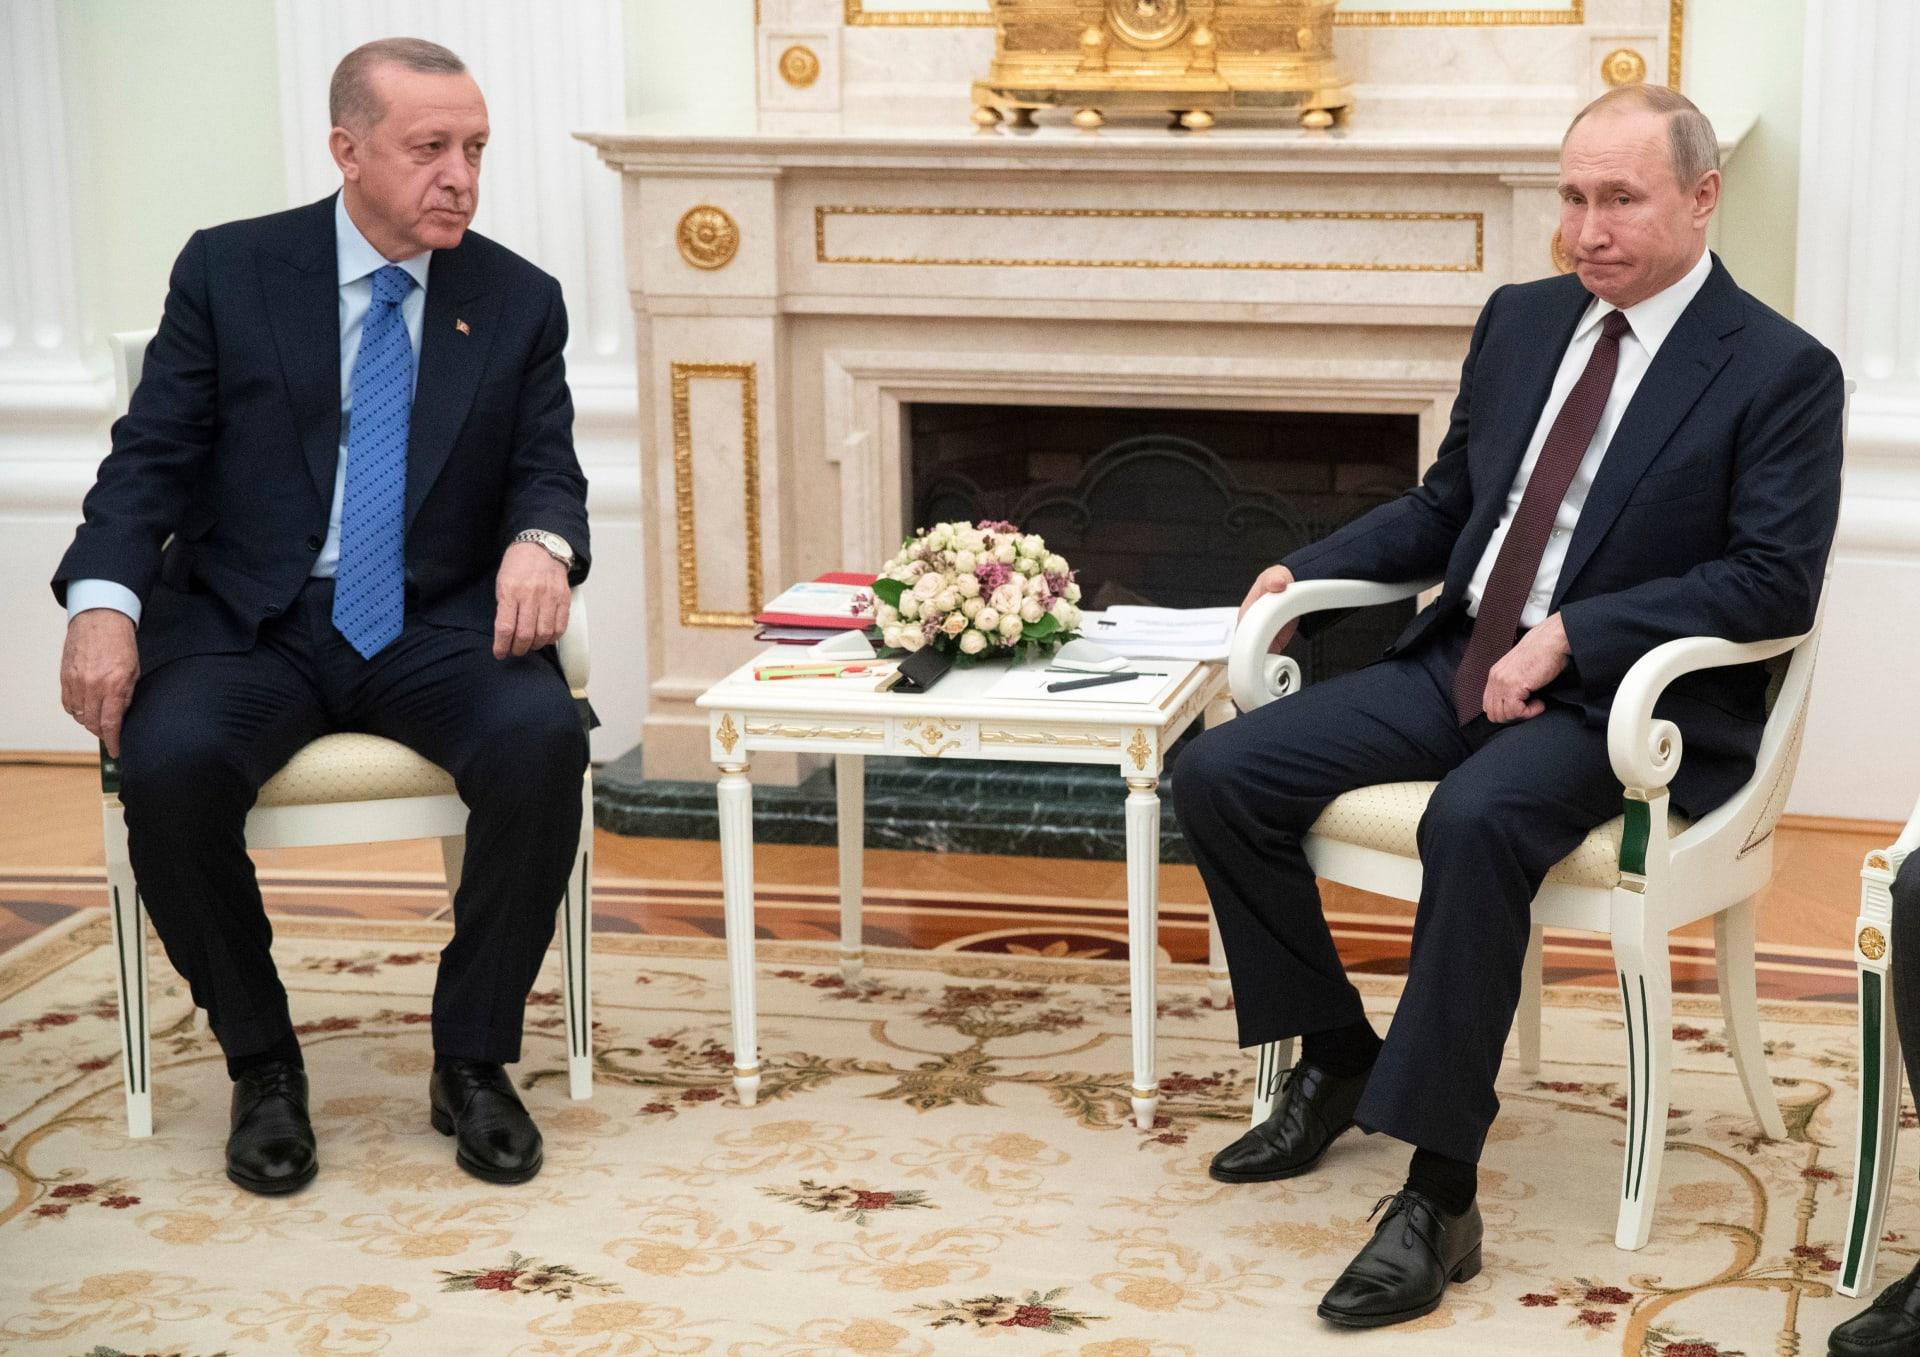 صورة أرشيفية للقاء بين بوتين وأردوغان بالكرملين في مارس 2020